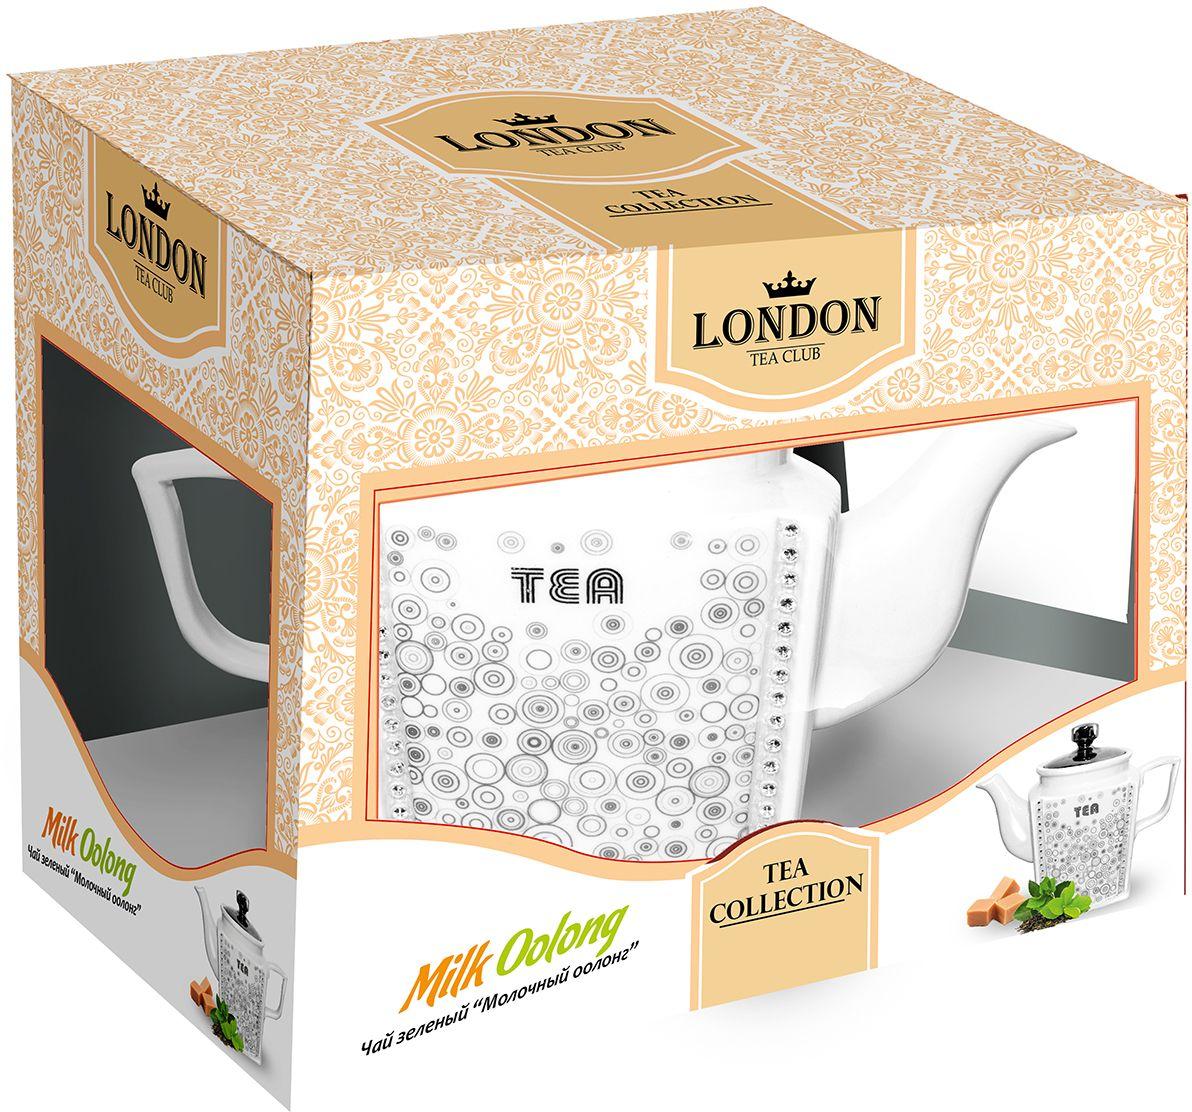 London Tea Club Молочный оолонг чай зеленый в заварнике, 100 г4607051542495Полуферментированный зеленый чай с приятным сливочным привкусом и нежным карамельно-молочным ароматом. Особенностью чая является его согревающий и тонизирующий эффект. Чай содержит большое количество антиоксидантов, витаминов и микроэлементов, улучшает обмен веществ.